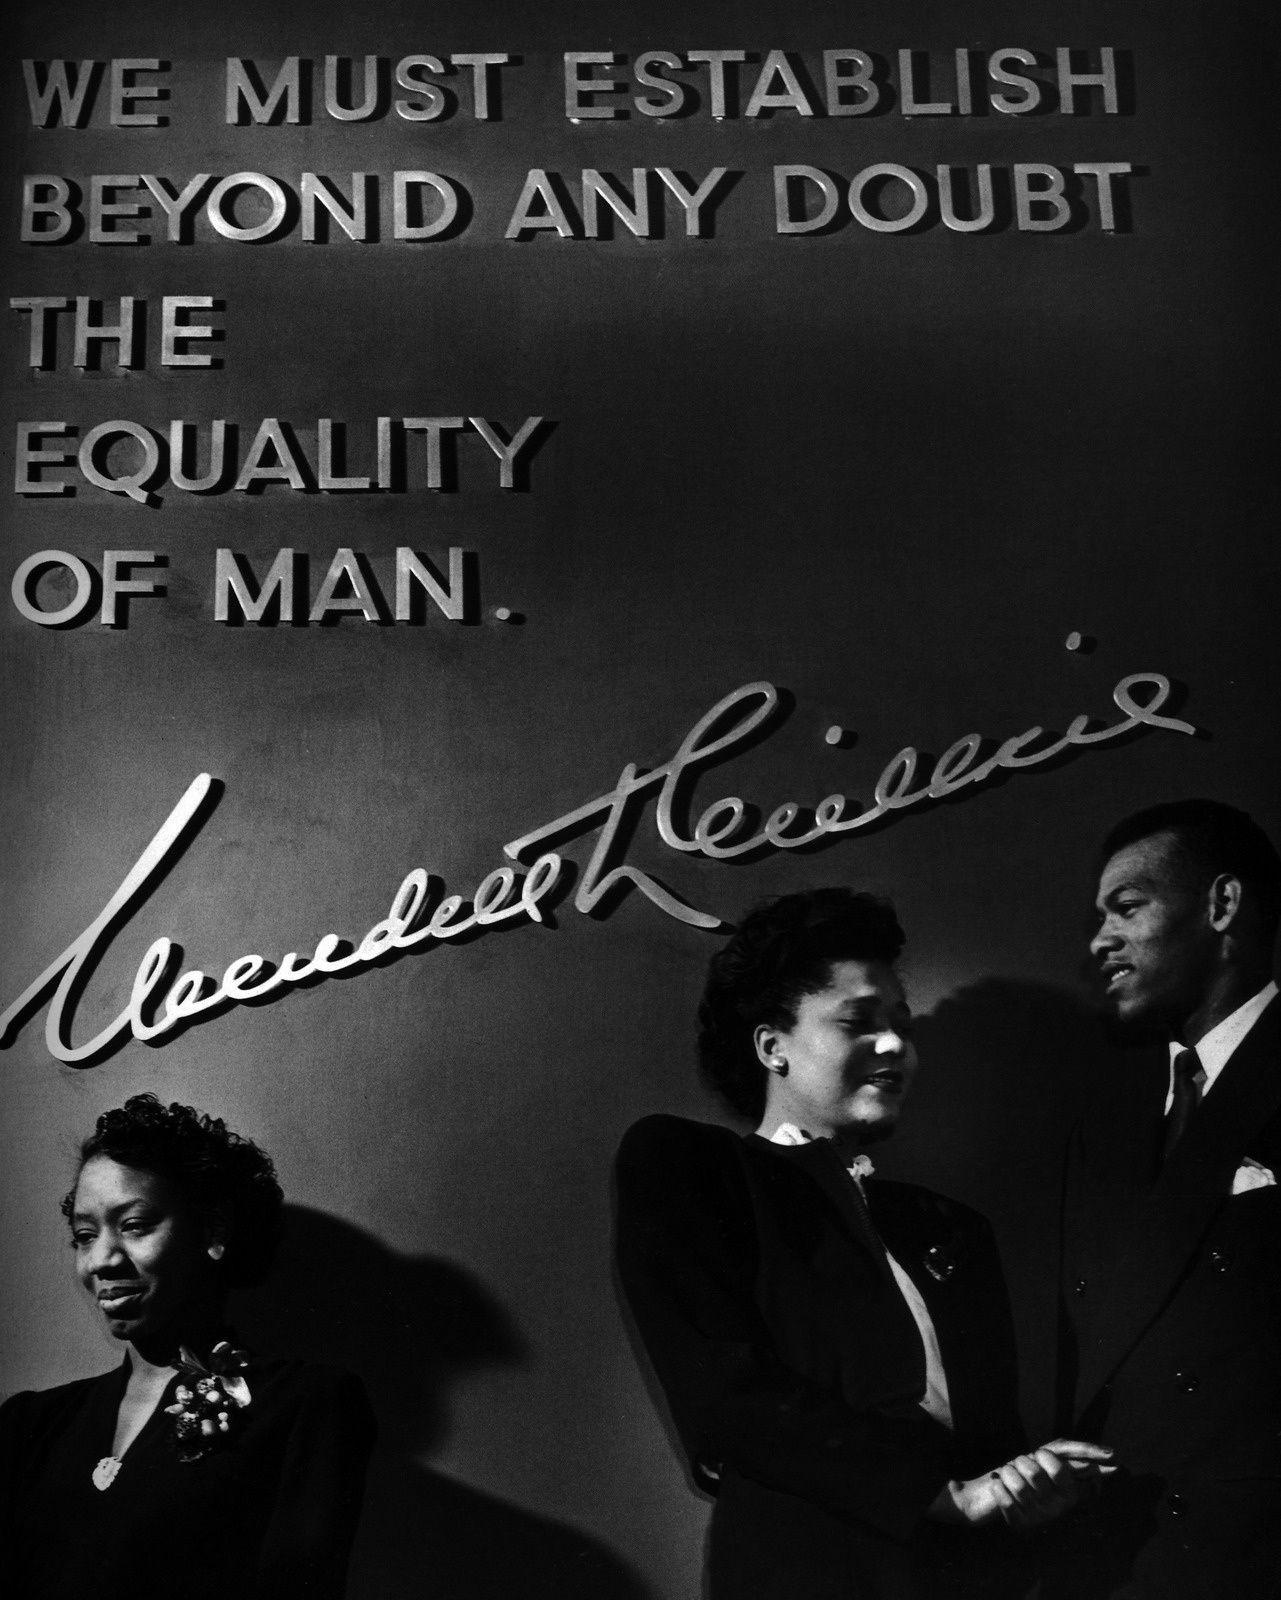 2008 juin Historical Documents 1850-1954 2008 juin Historical Documents 1850-1954 Memory of the American Blacks, Memoire des Noirs americainsMemory of the American Blacks, Memoire des Noirs americains